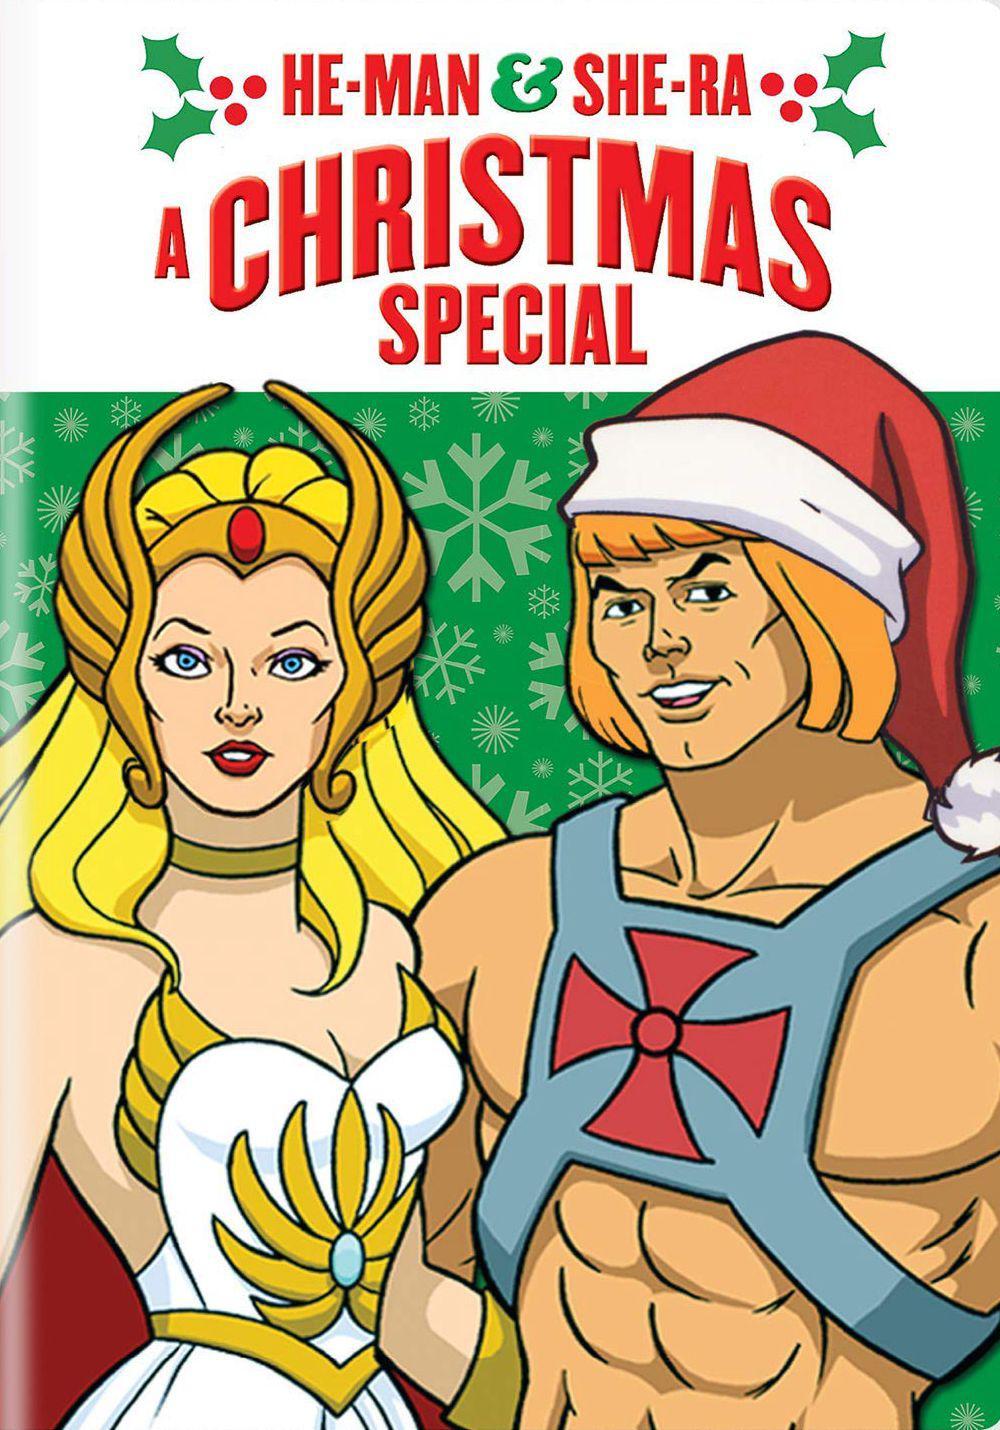 希瑞&希曼(圣诞特别篇)